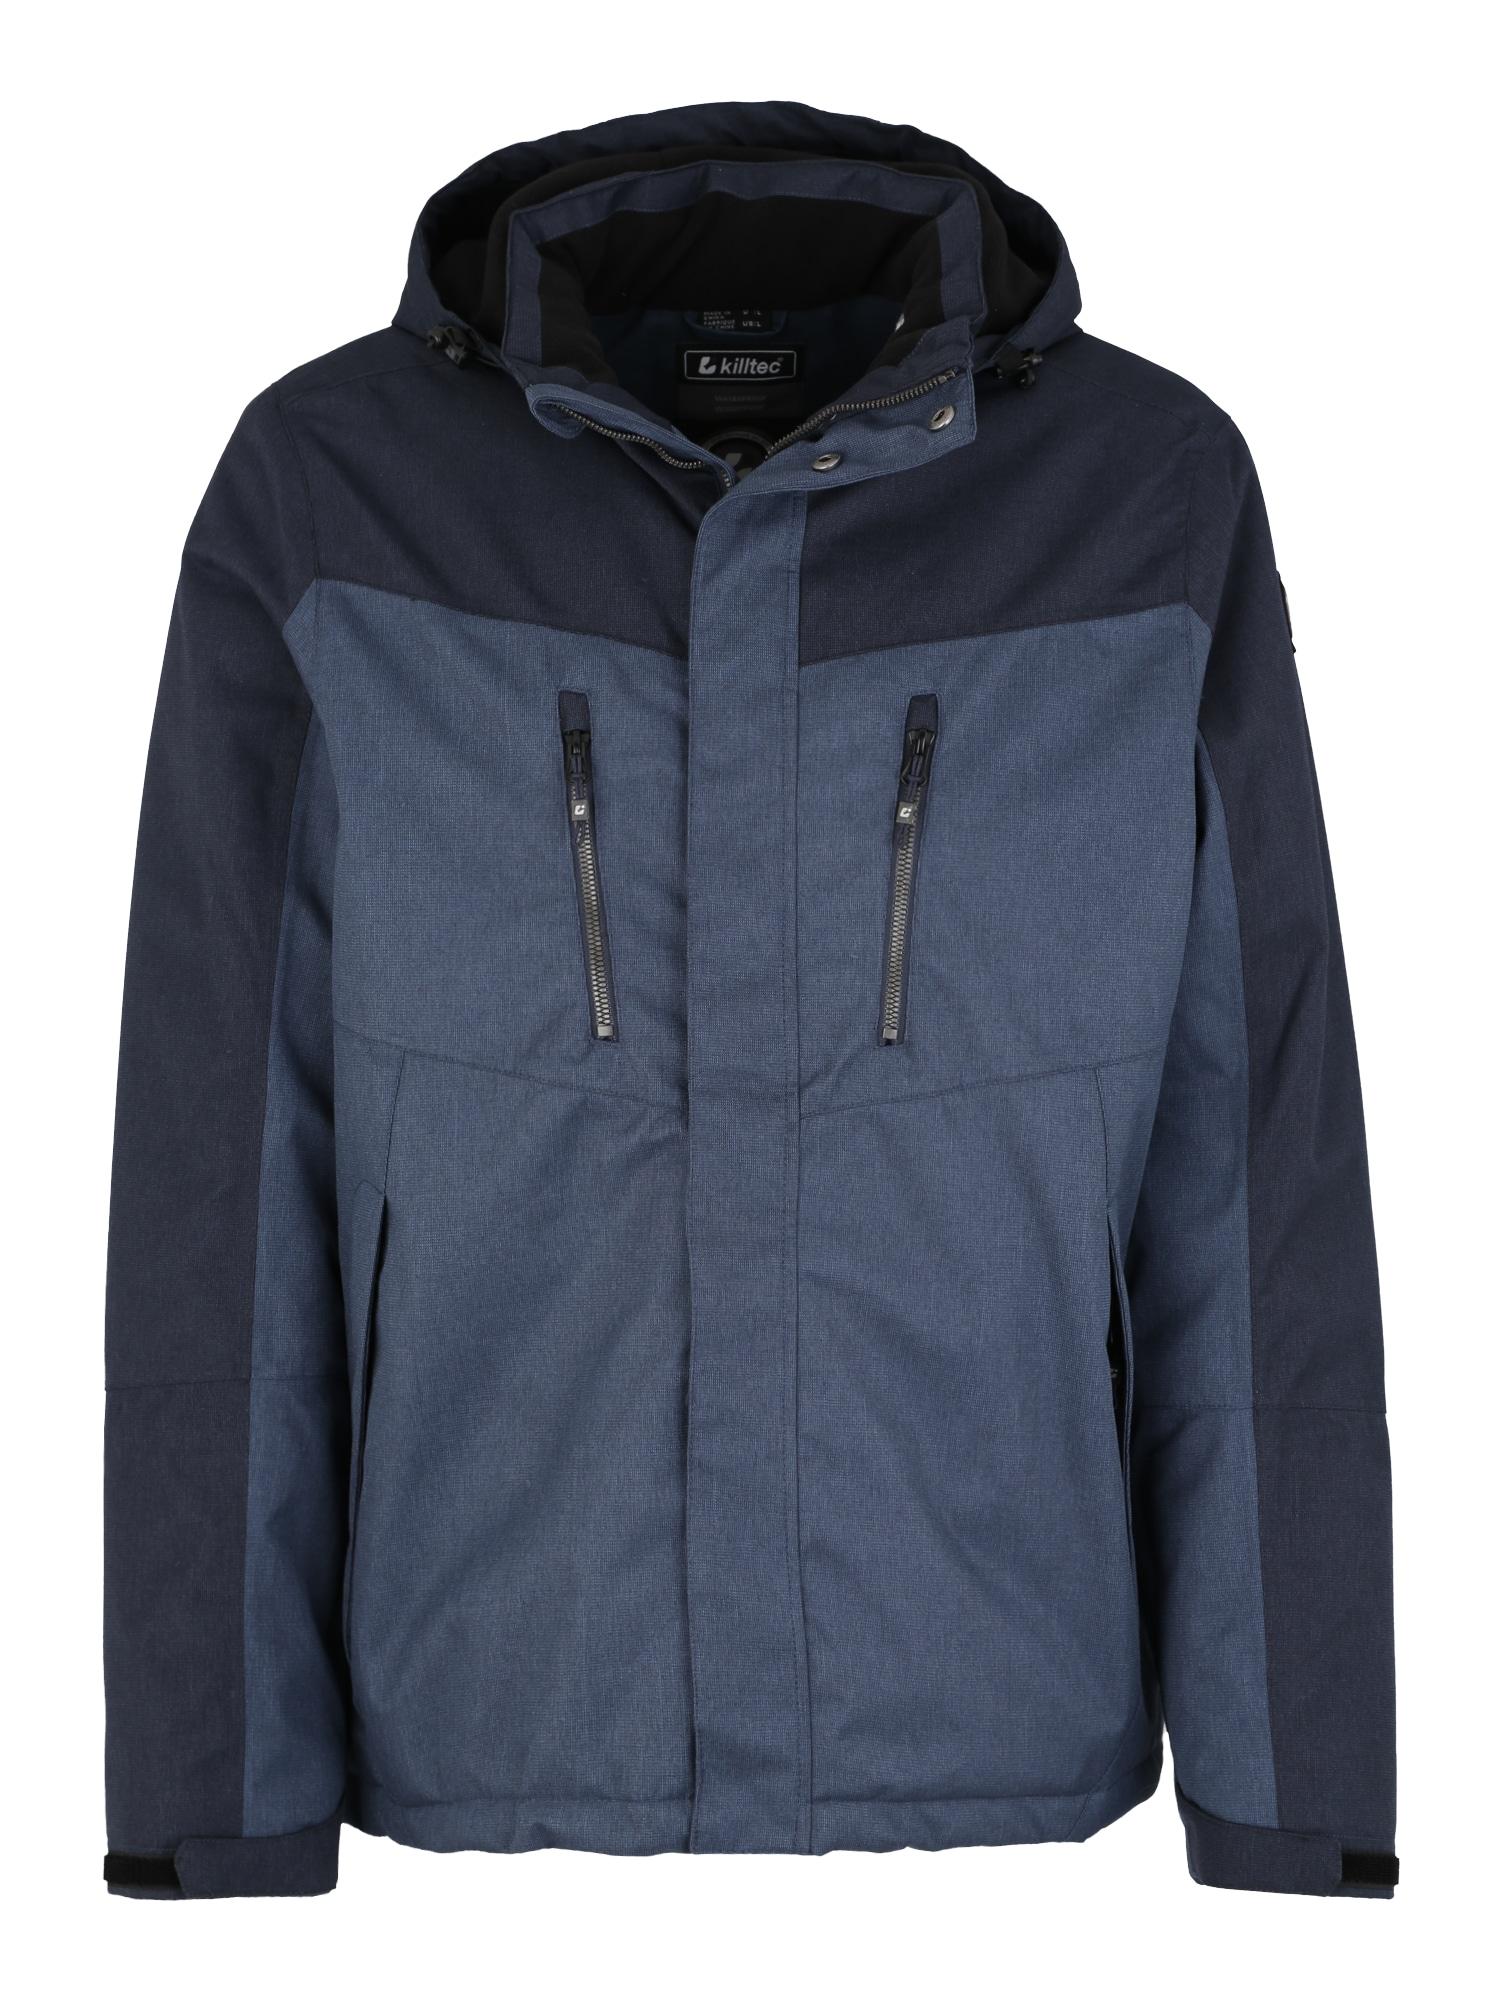 Outdoorová bunda Tiggo modrá tmavě modrá KILLTEC